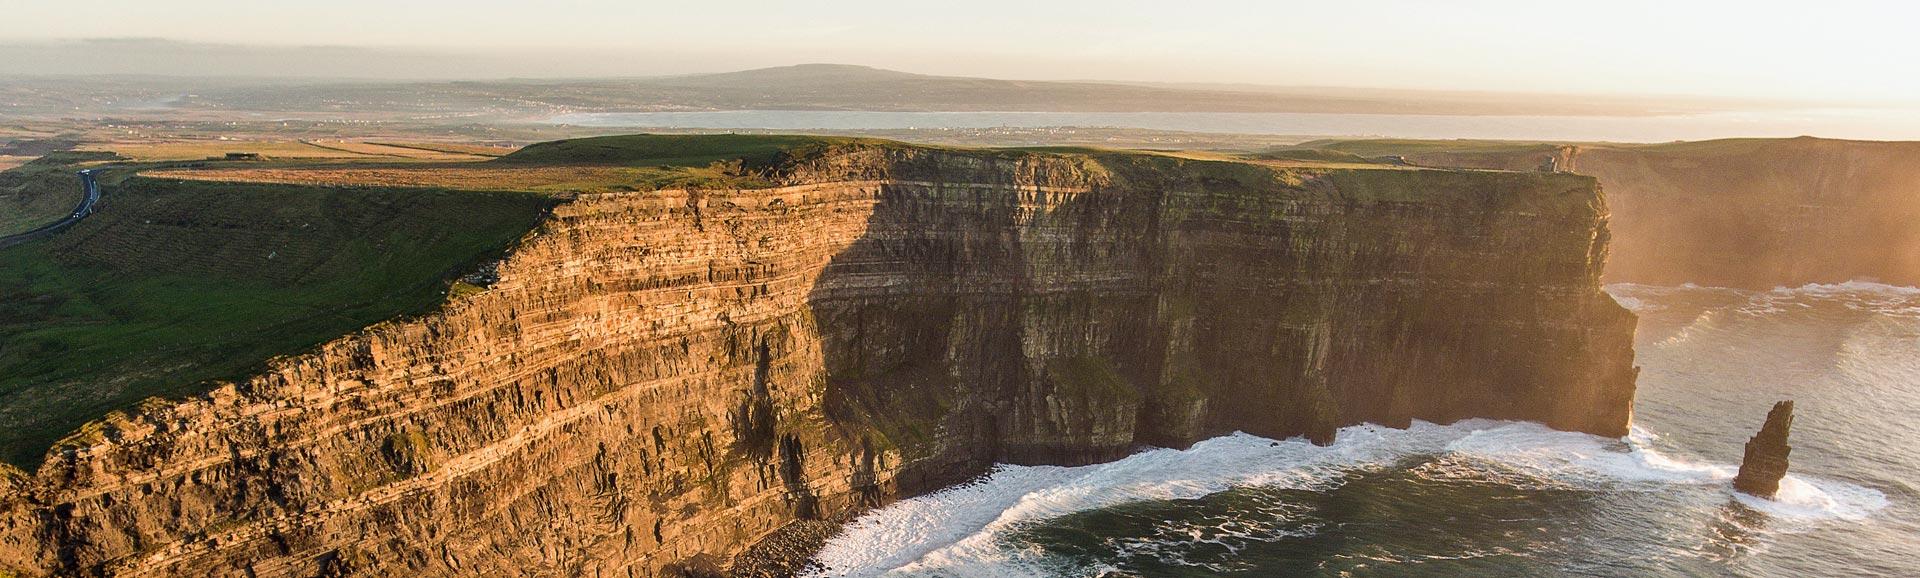 Irland - Klippen von Moher im Sonnenuntergang.